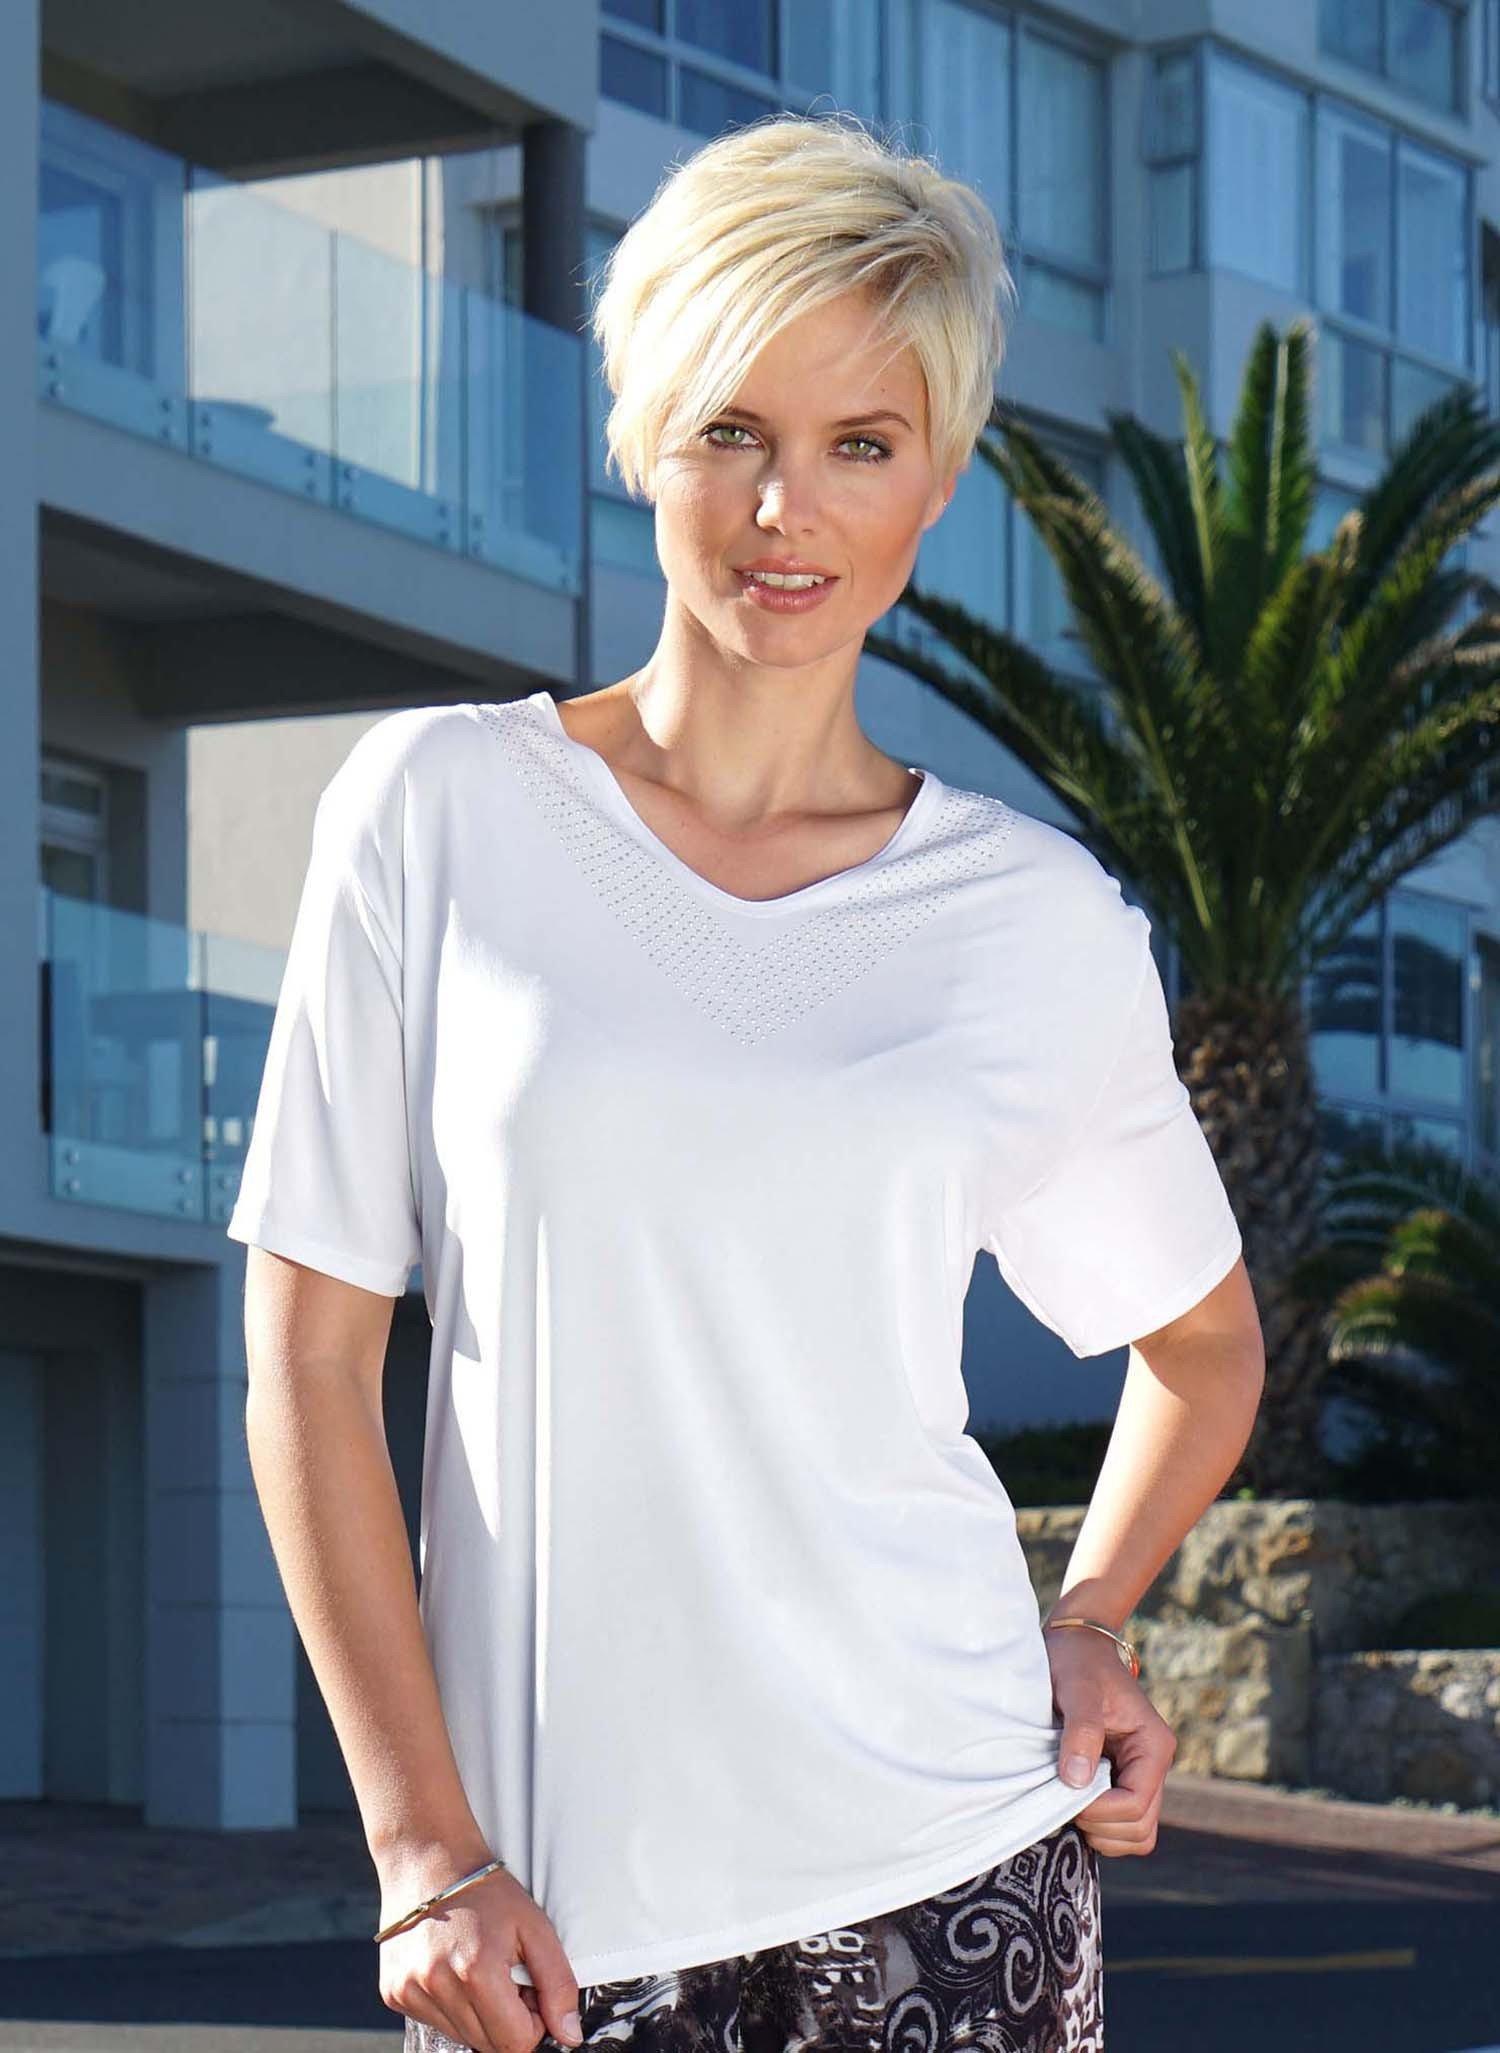 D-KA-Shirt,V-Ausschnitt weiss L 001 - 3 - Ronja.ch